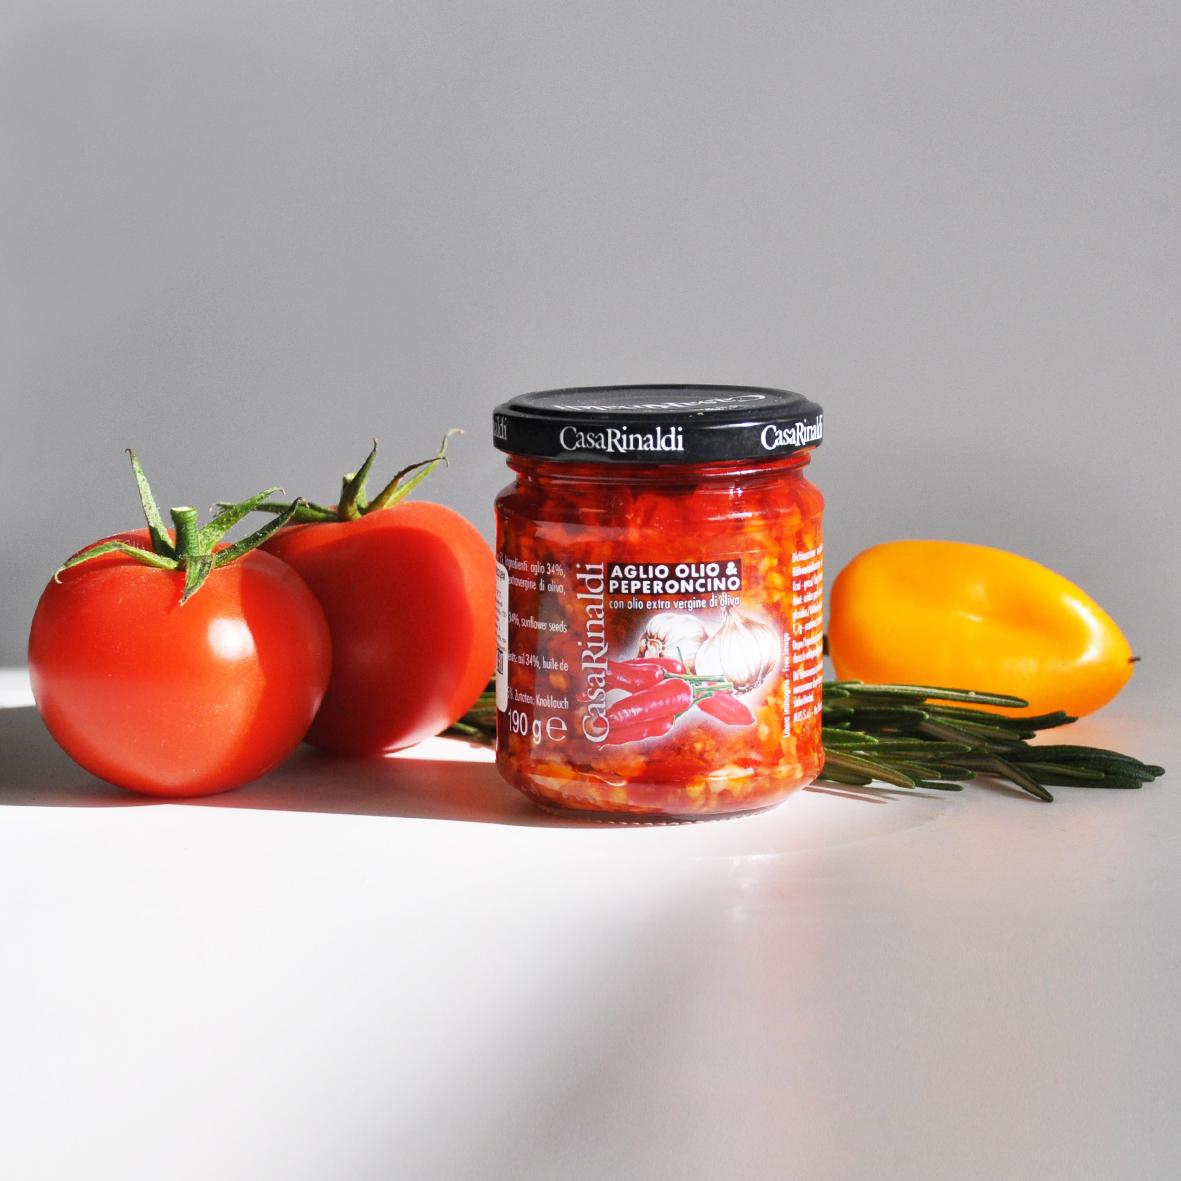 Соус Casa Rinaldi с чесноком, маслом, острым перцем 190г